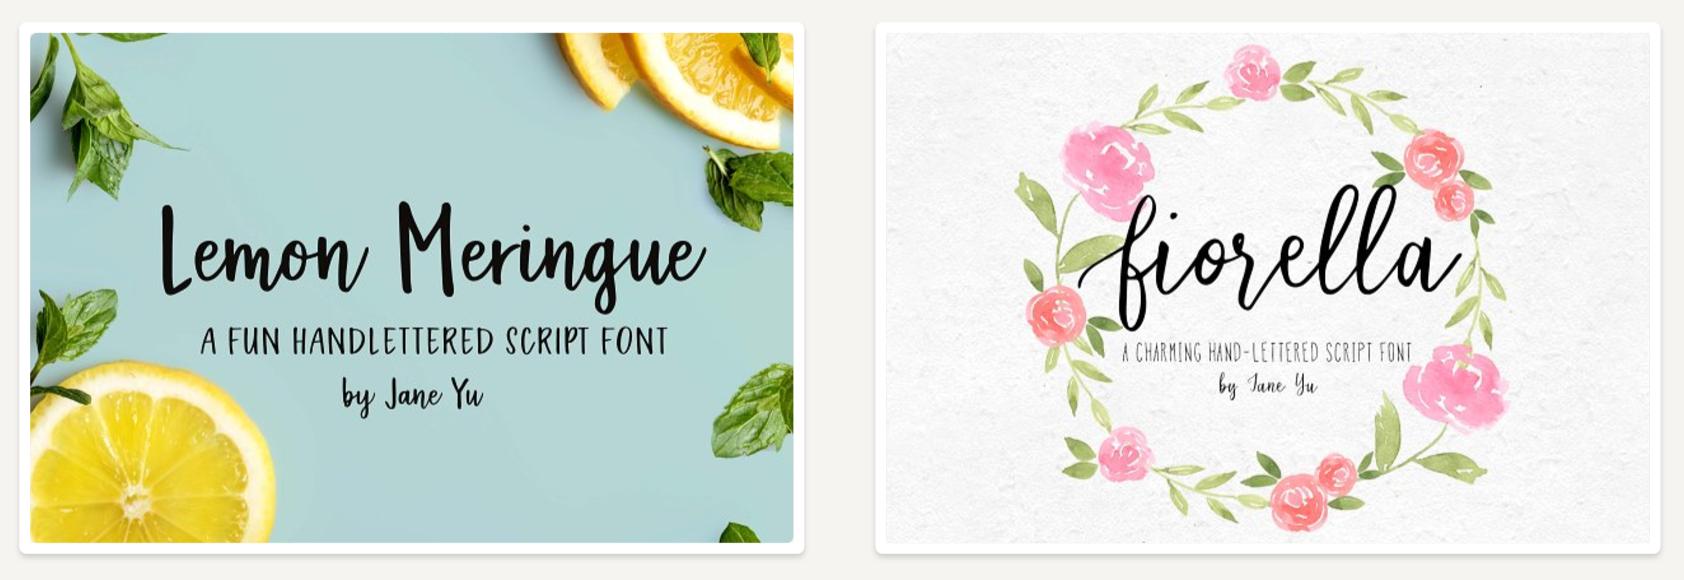 Lemon_Meringue_and_Fiorella_Fonts